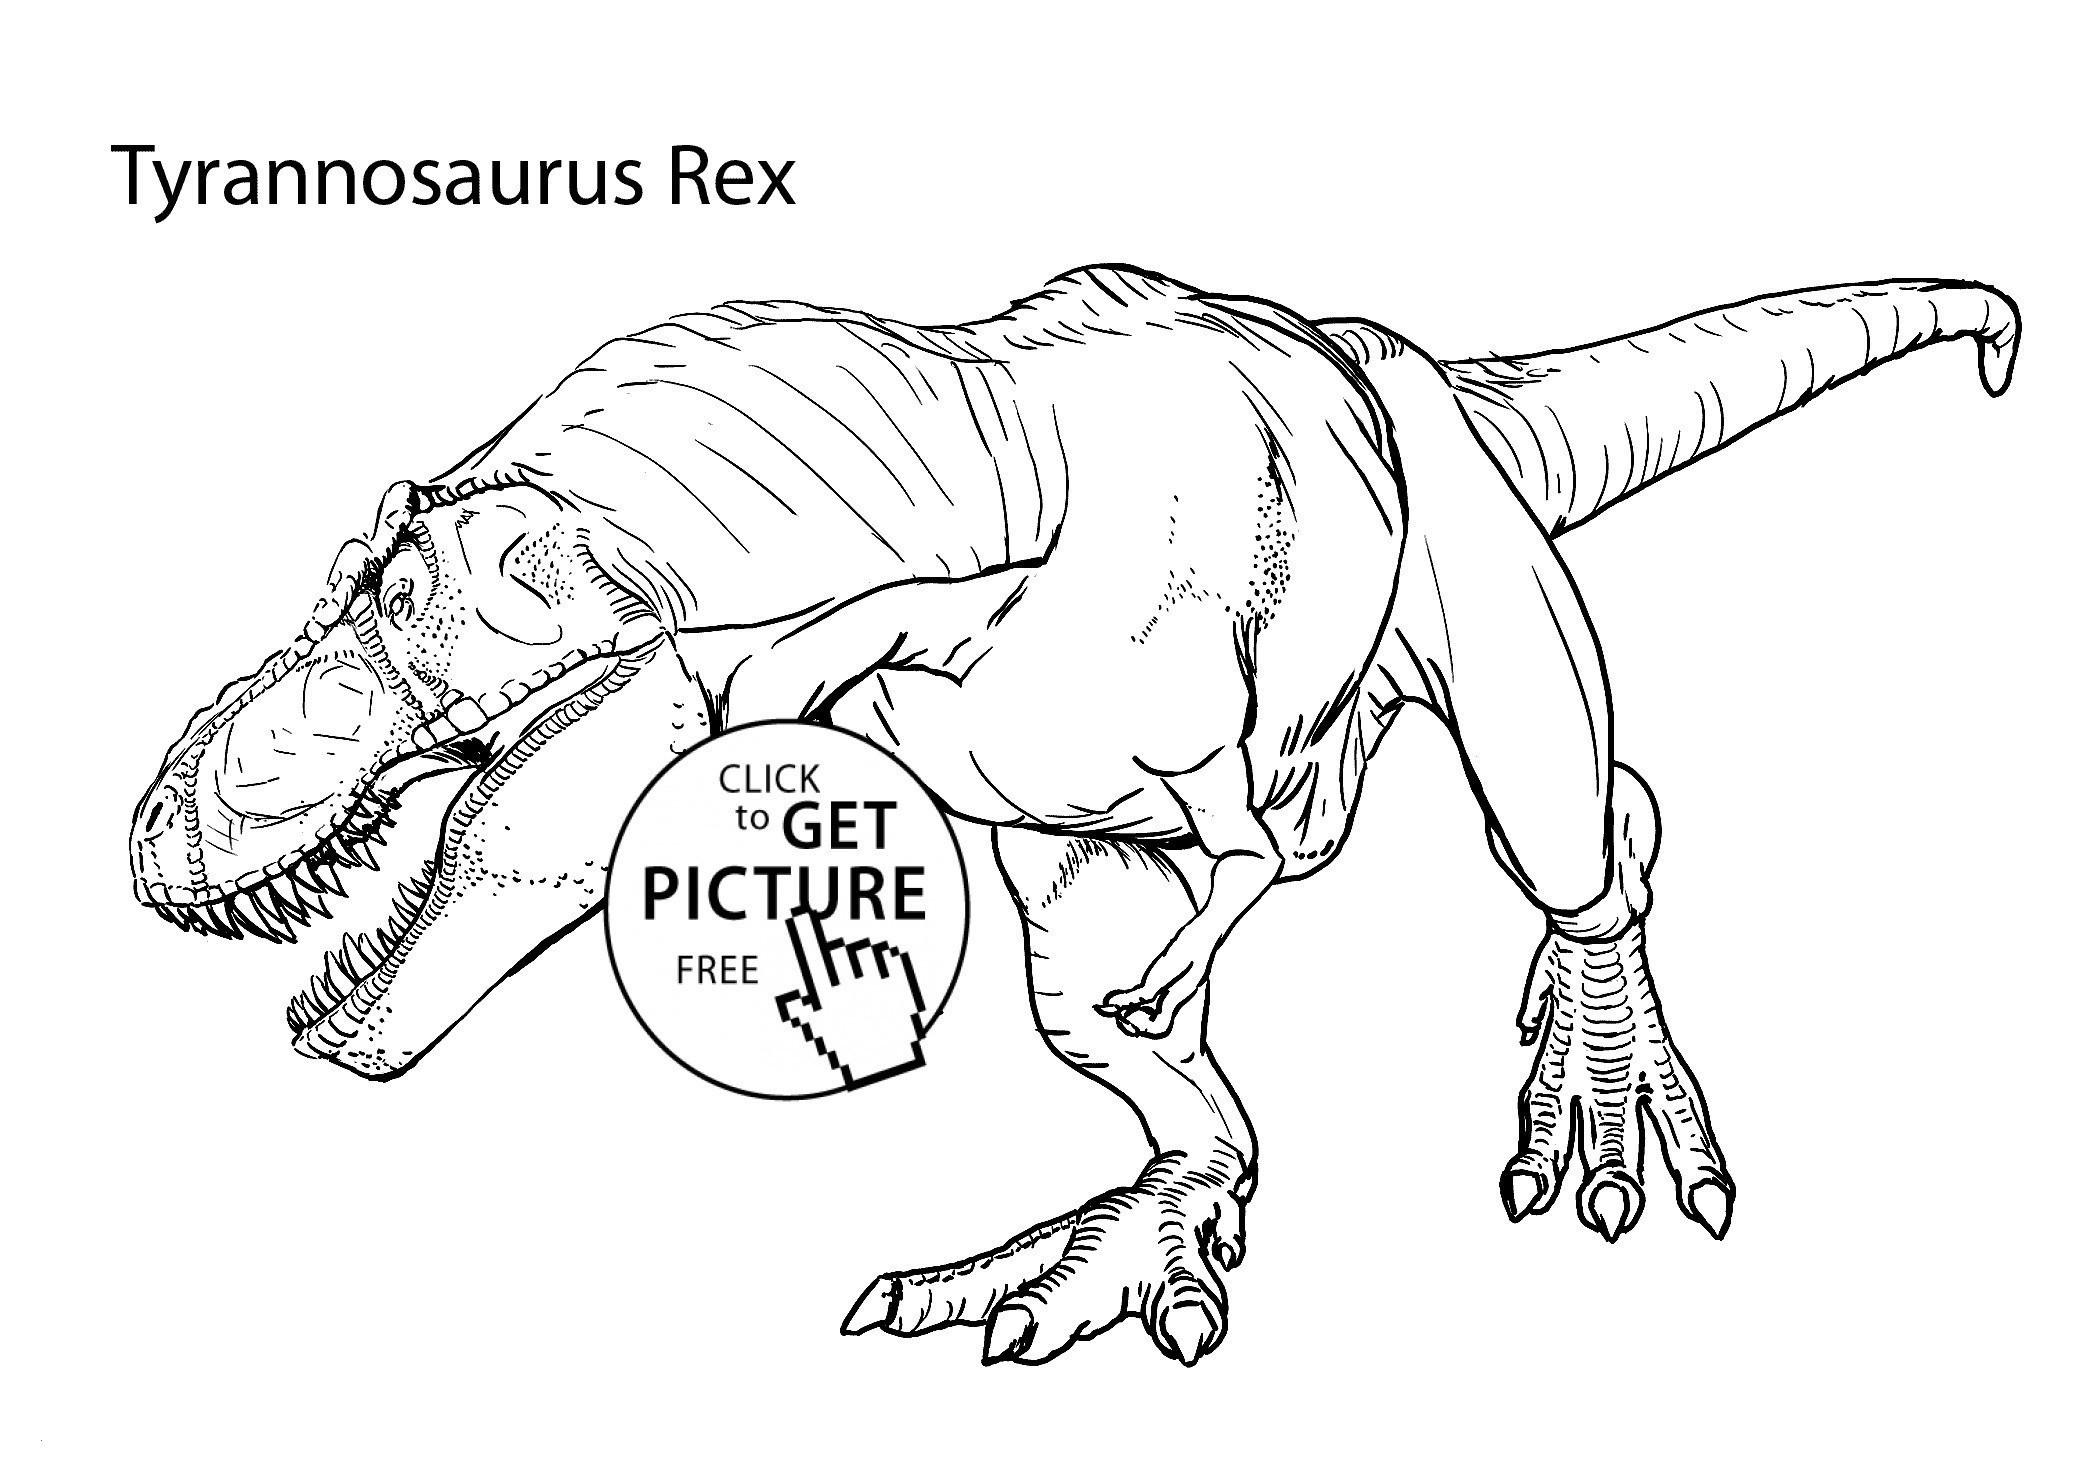 Malvorlagen Dinosaurier Genial Ausmalbilder Dinosaurier Kostenlos Ausdrucken 22 Luxus Zug Zwdg Sammlung